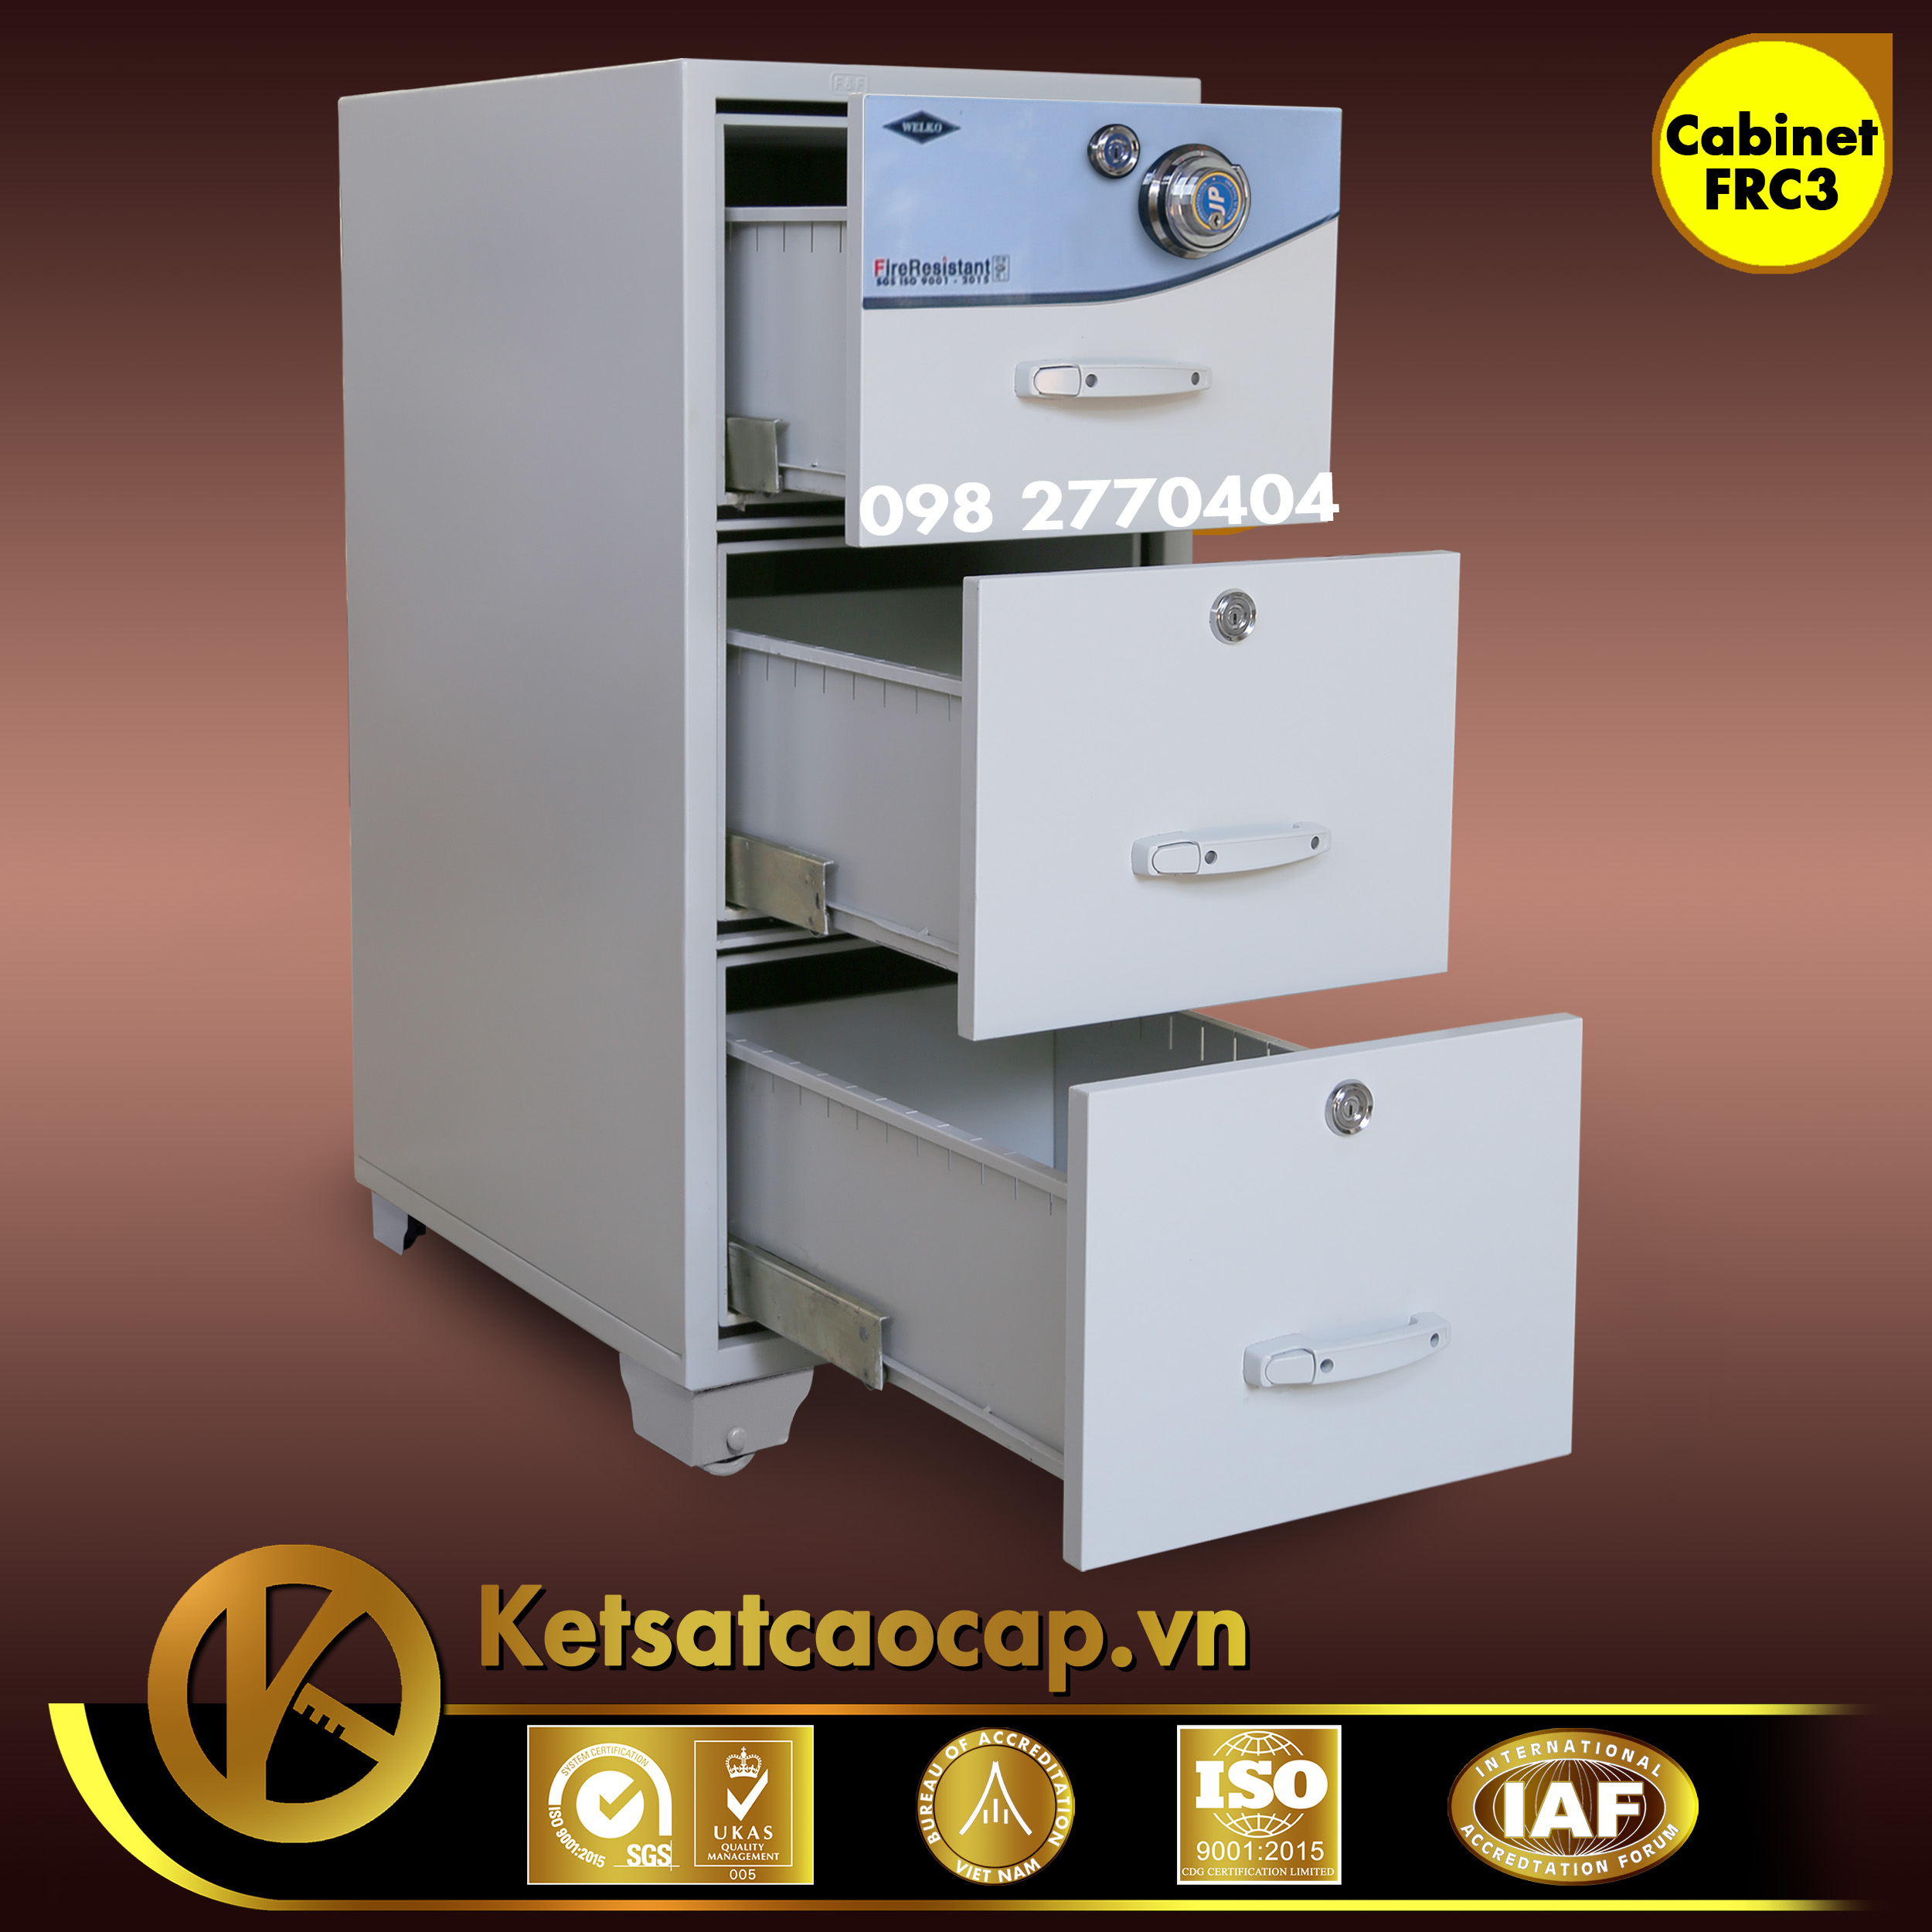 đặc điểm sản phẩm Tủ Hồ Sơ Chống Cháy FRC3 Cabinet